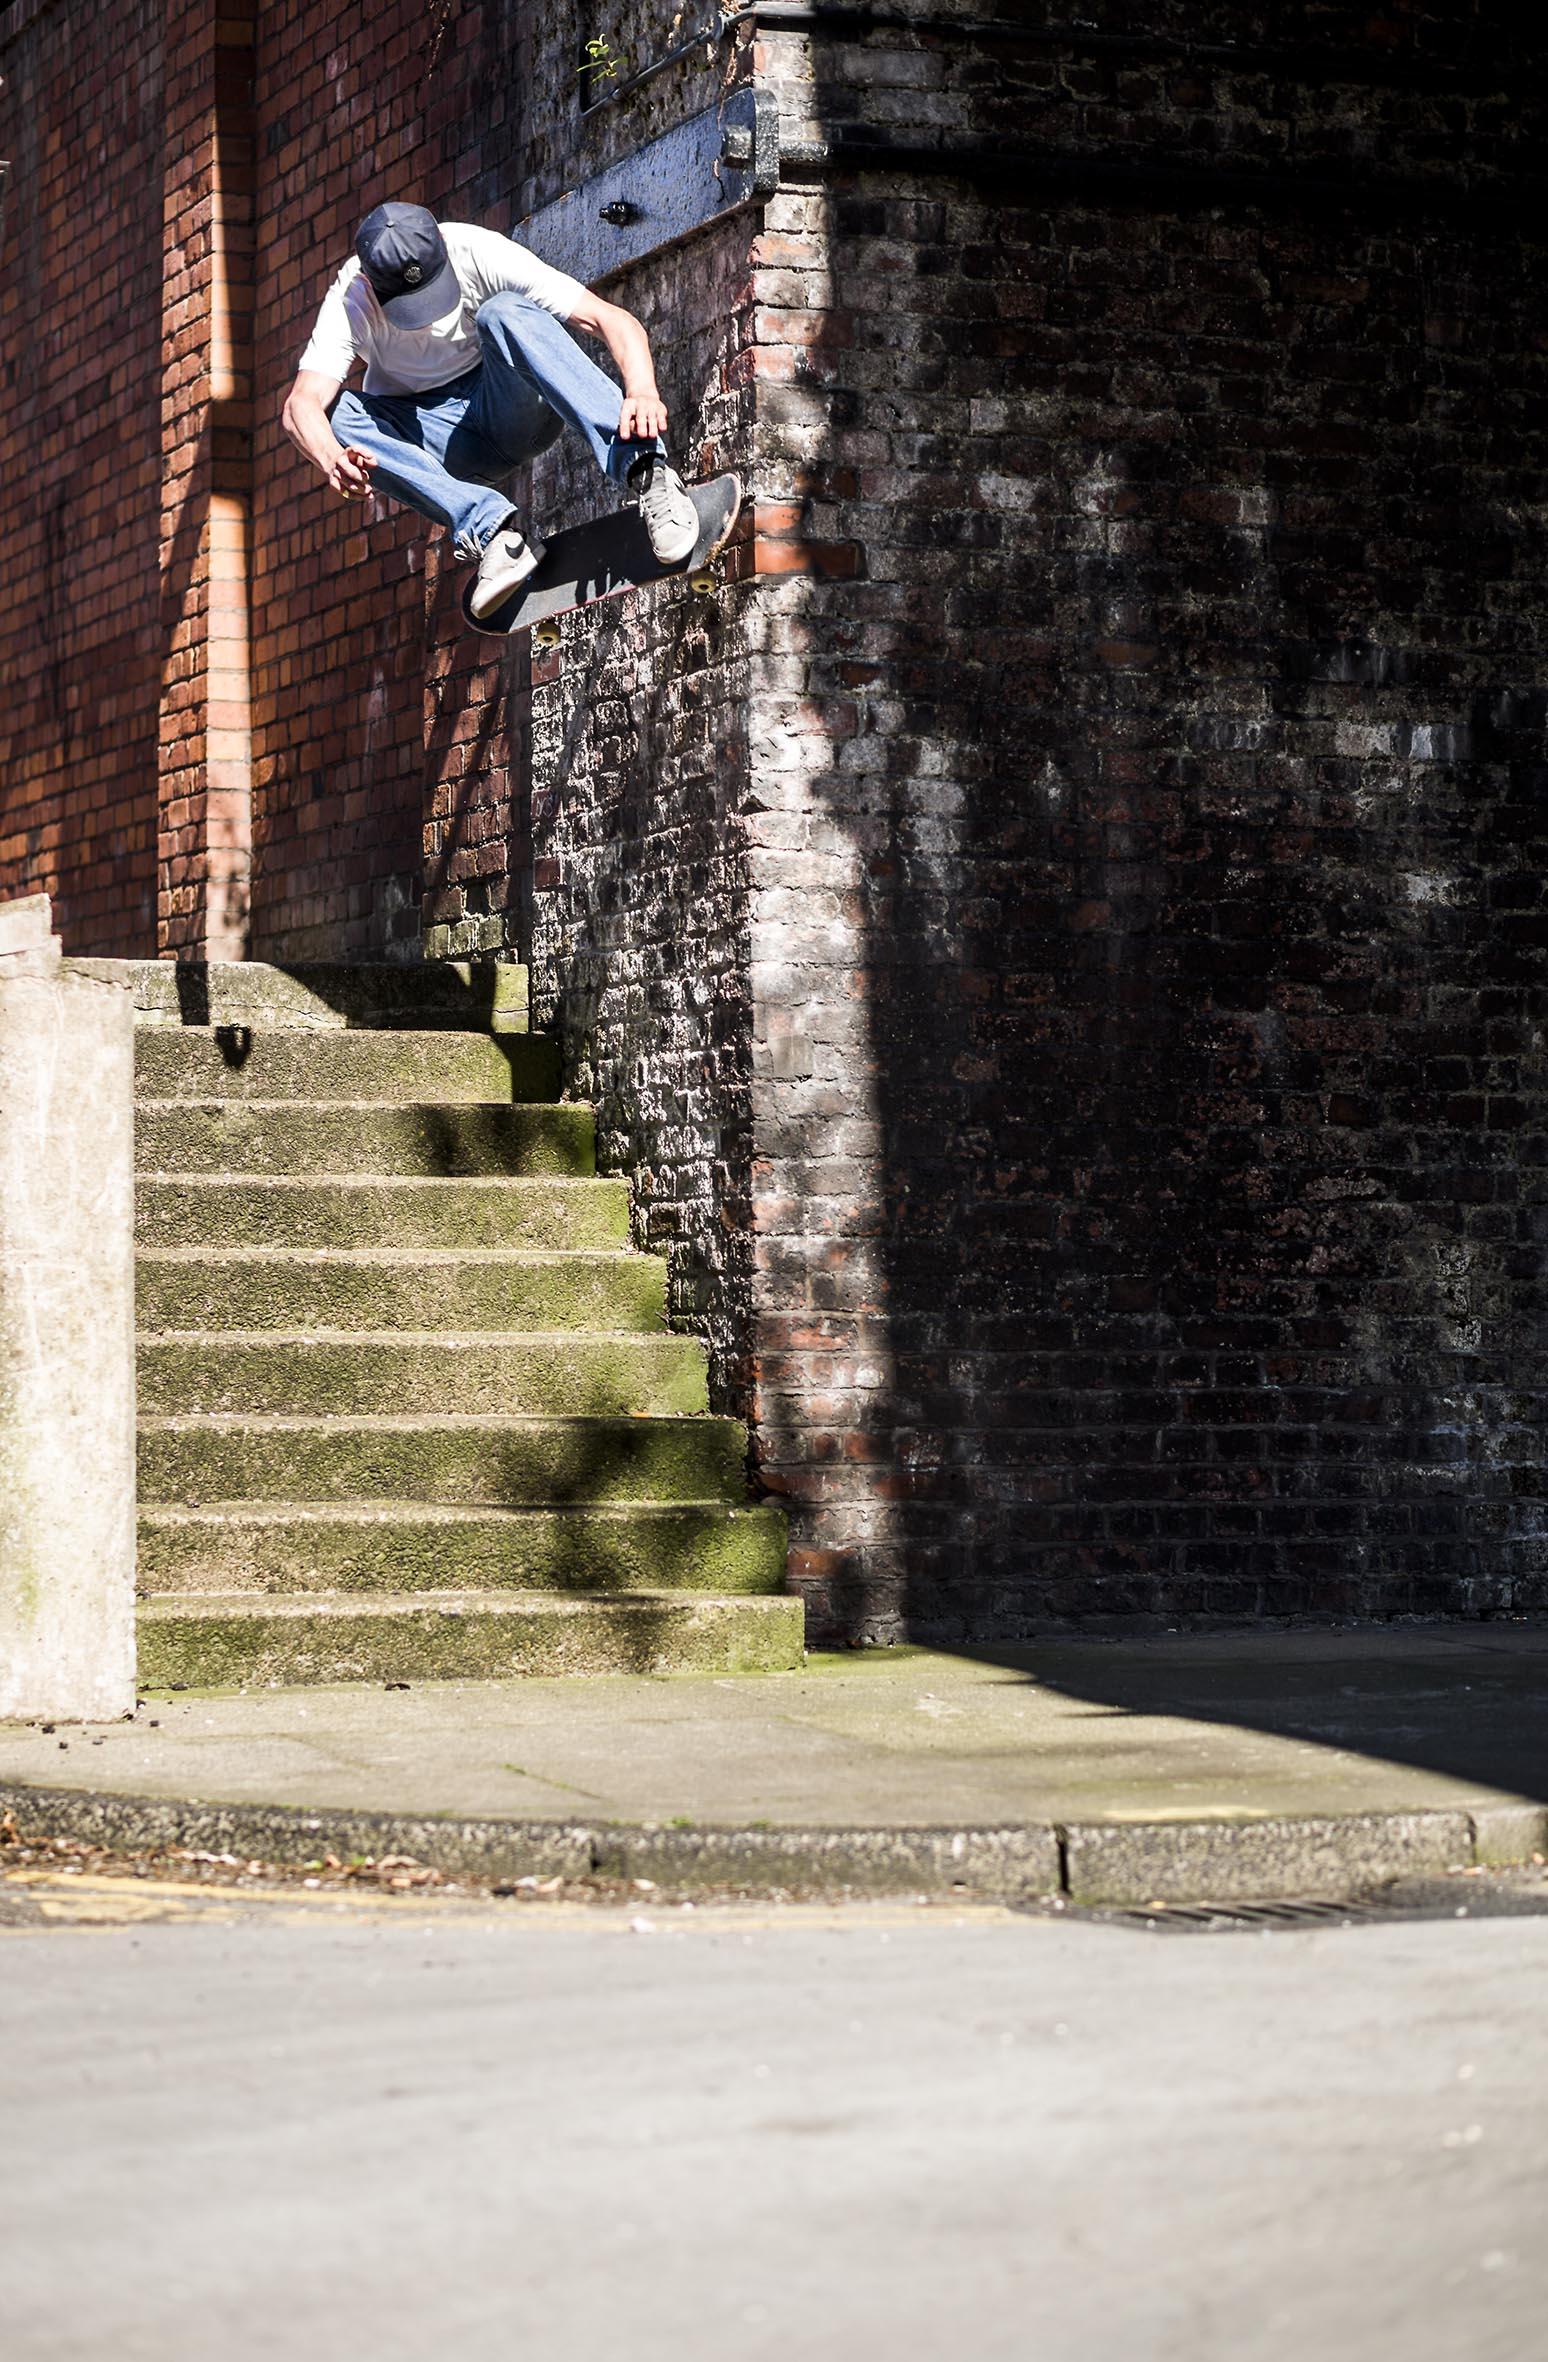 Charlie Birch - wallride nollie